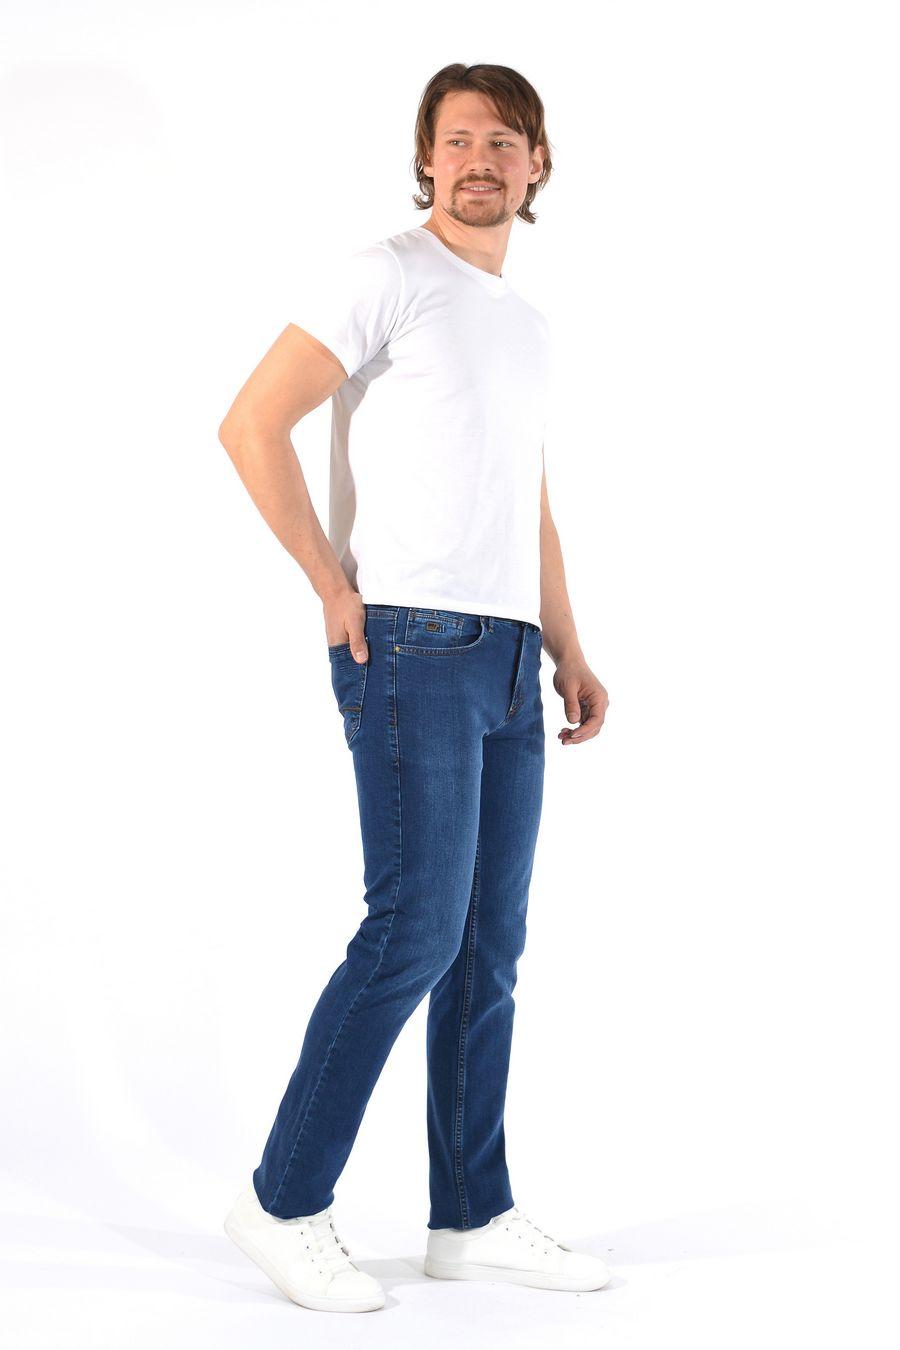 Джинсы мужские MAC Person 2940-12377 Mavi L34 - фото 5